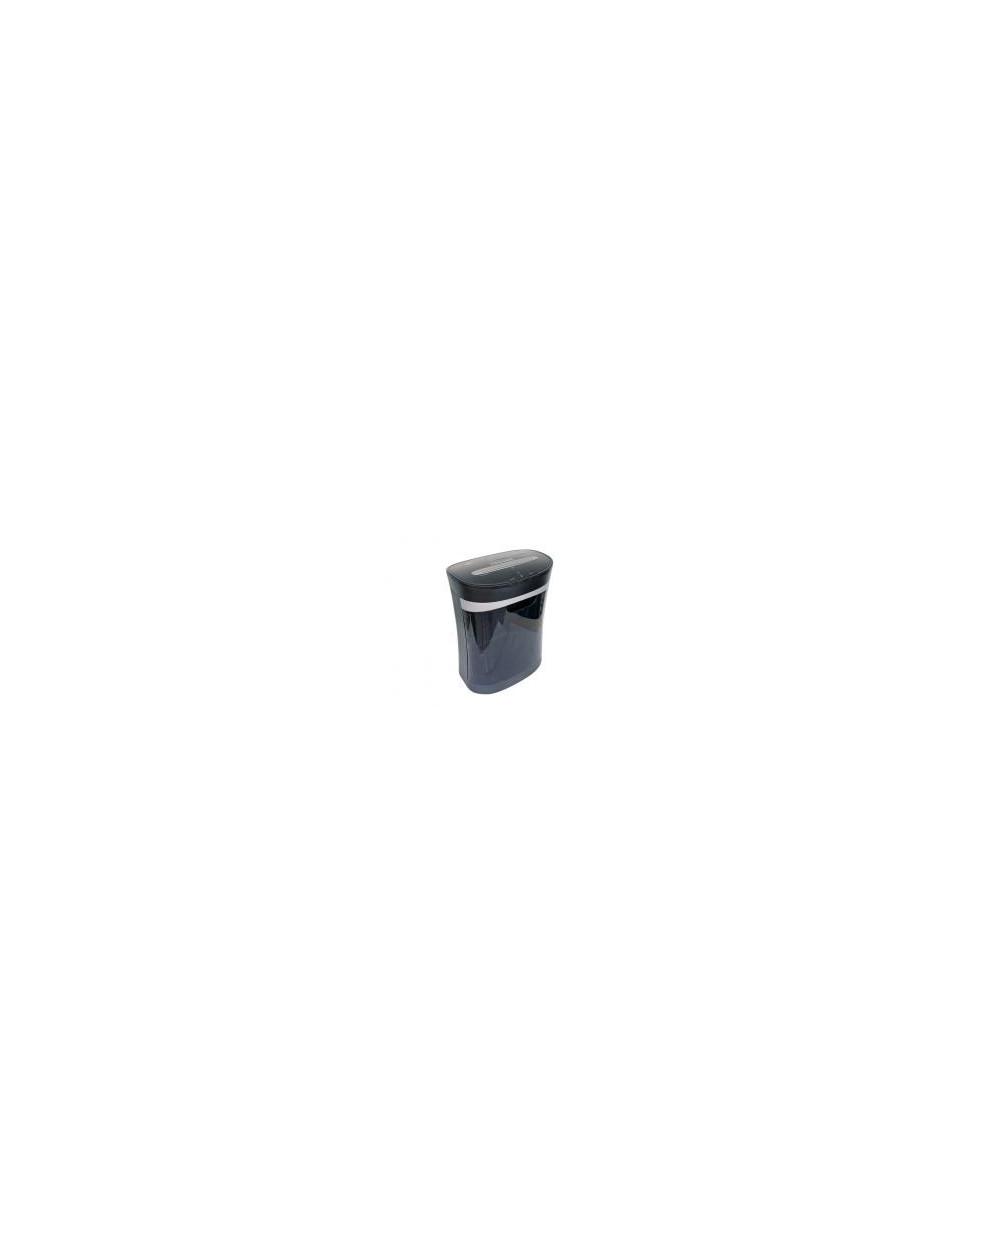 Шредер DesQ за хартия, CD и кред.карти, до 8 л, колелца, 16 л